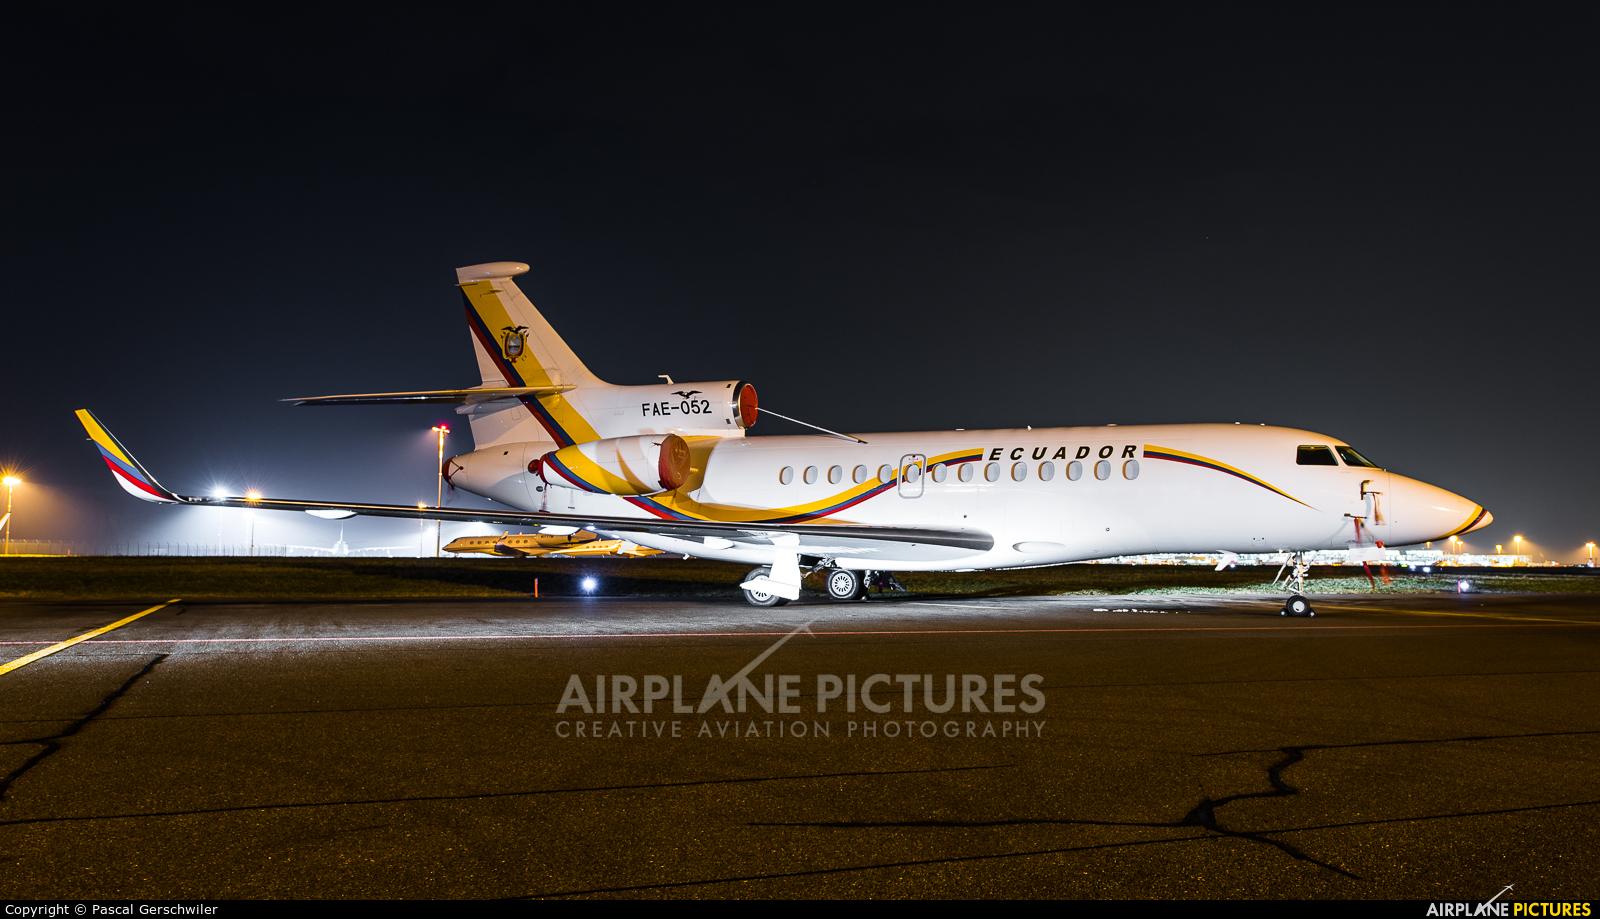 Ecuador - Air Force FAE-052 aircraft at Zurich